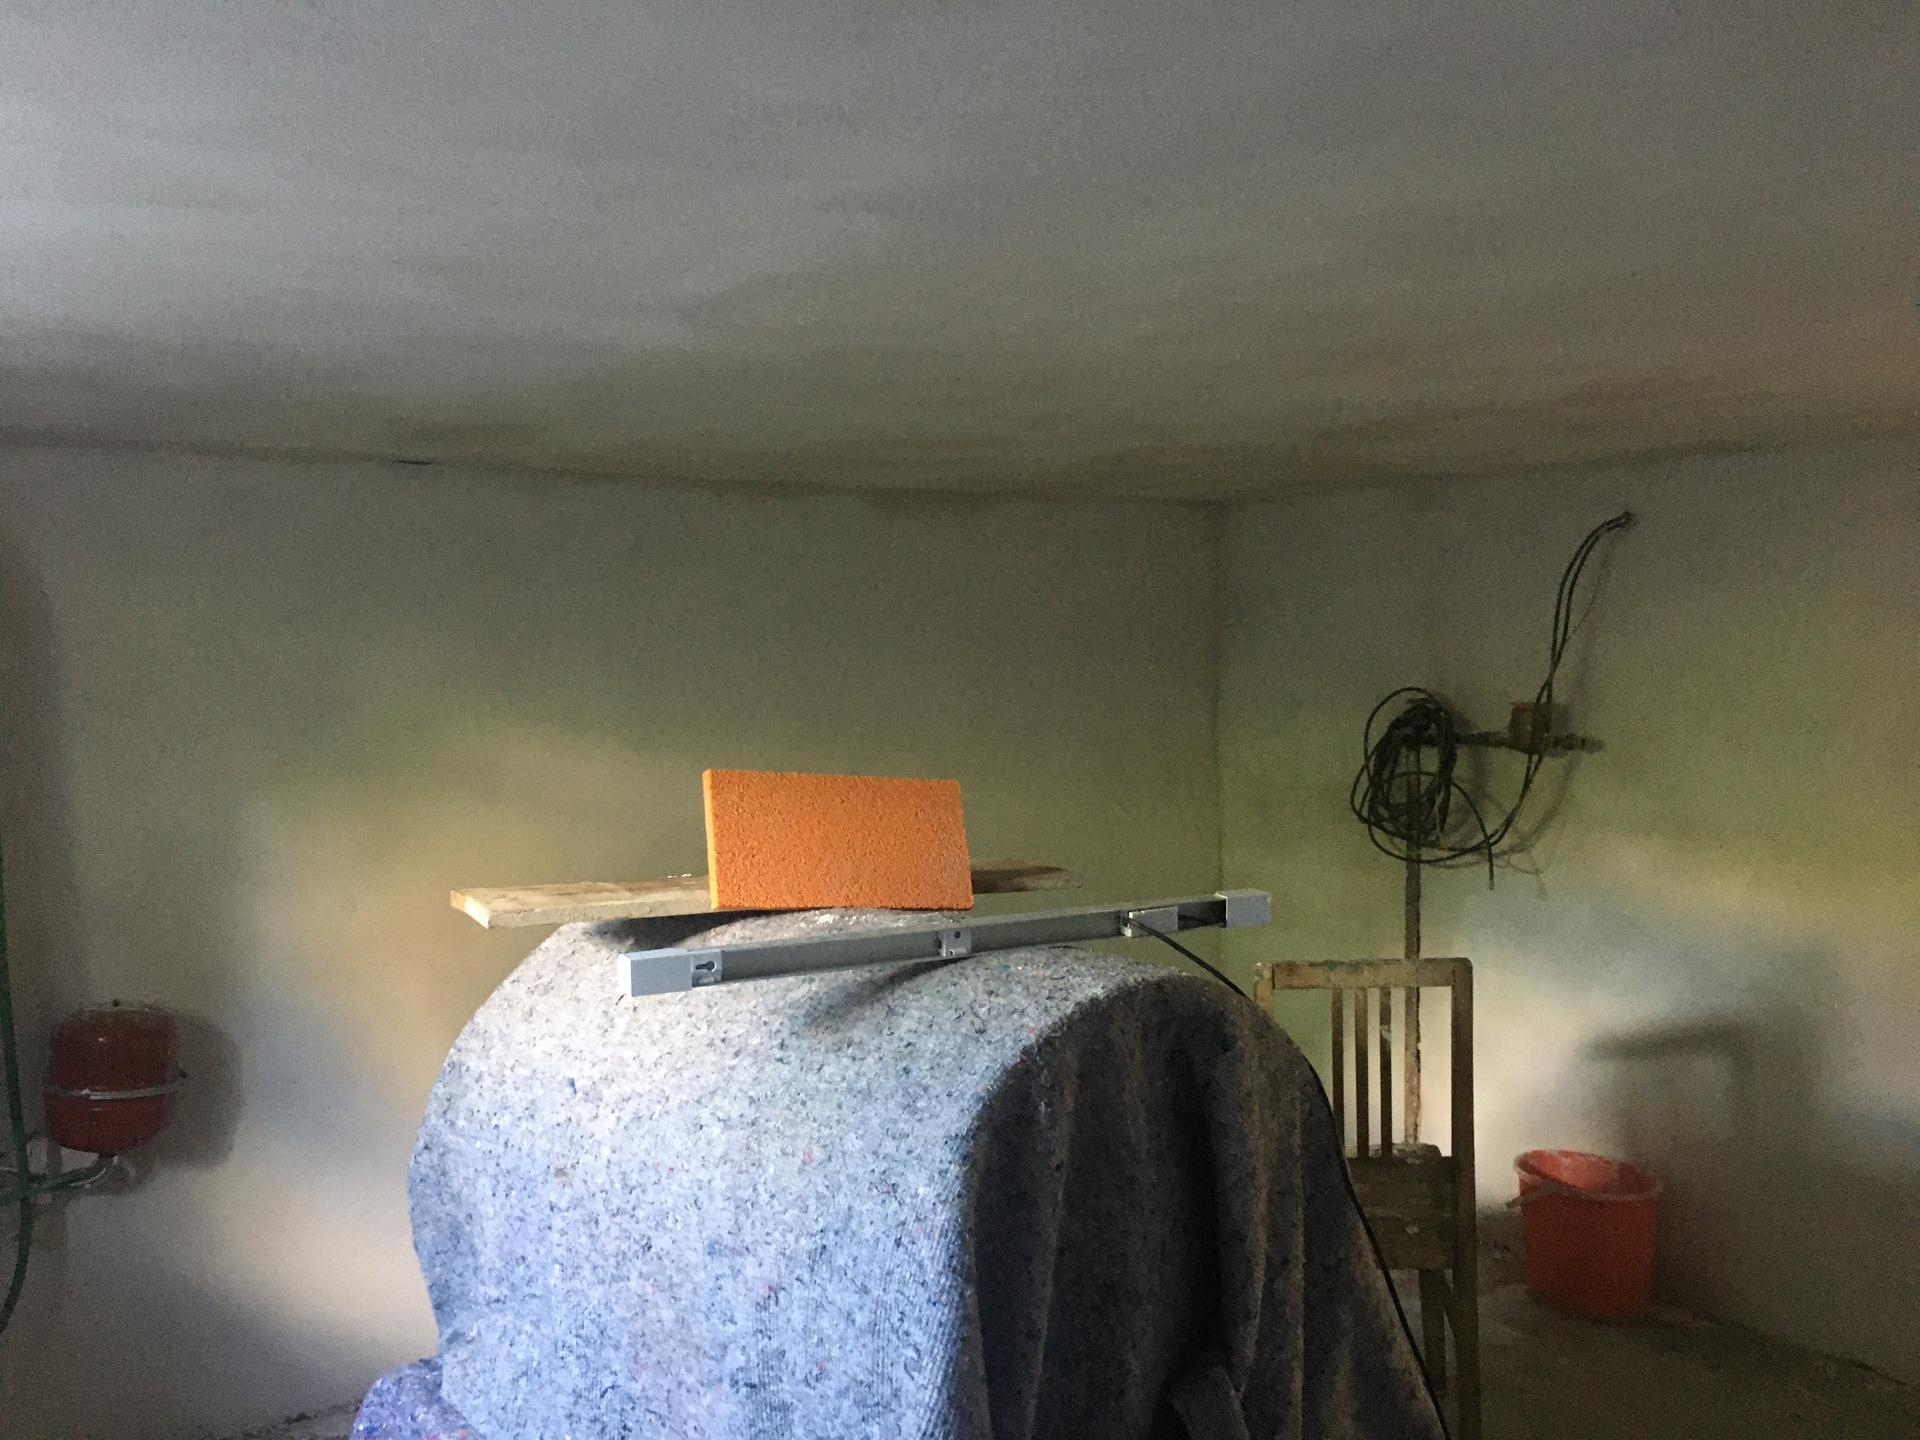 Rekonstrukce 🏡 20/21 - Nové štuky v tech. místnosti (v rohu byly staré kotle)